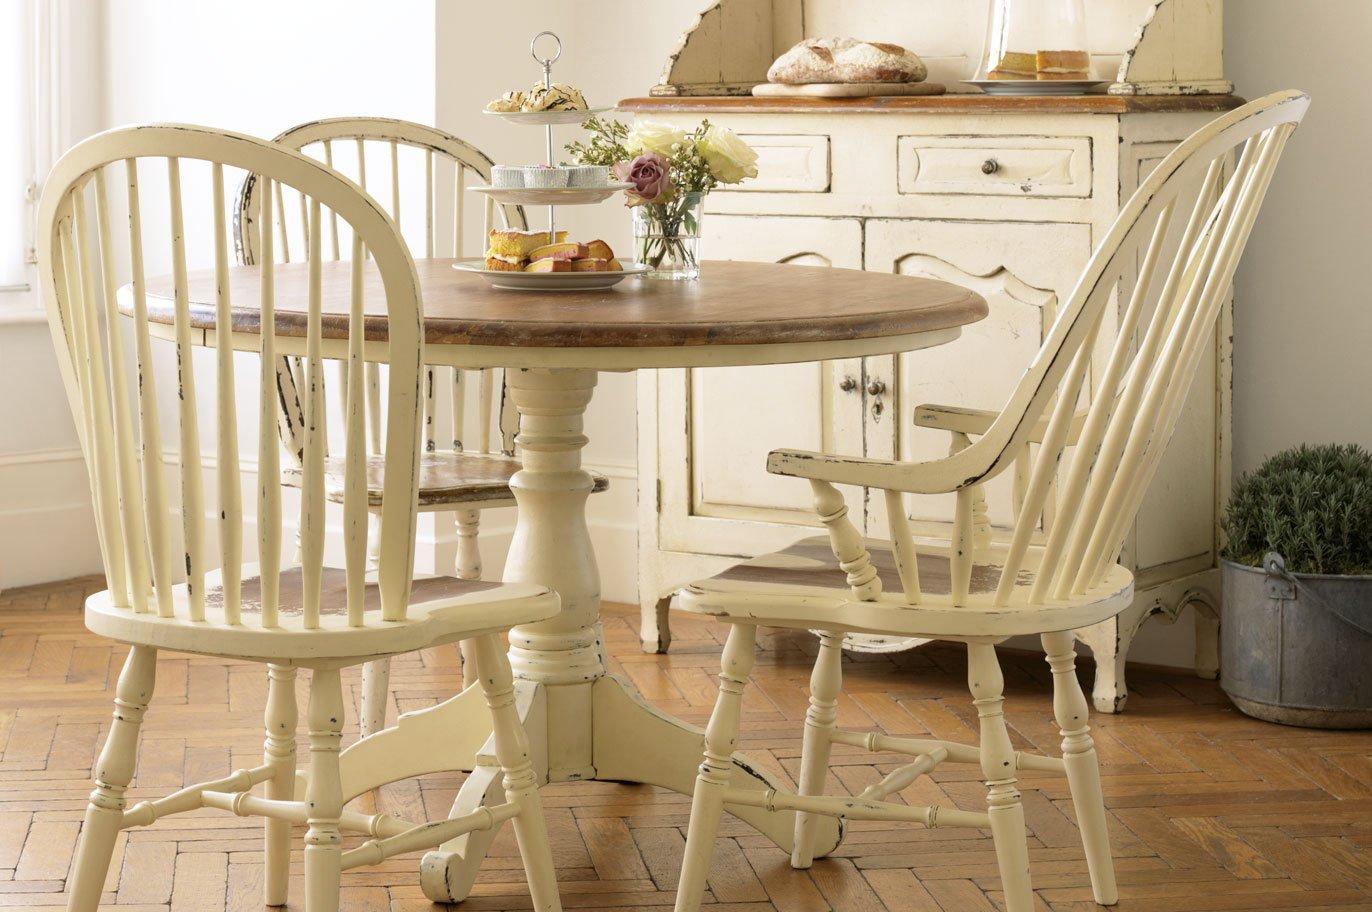 Muebles para una cocina de estilo ingl s decoraci n del - Mesa pequena para cocina ...